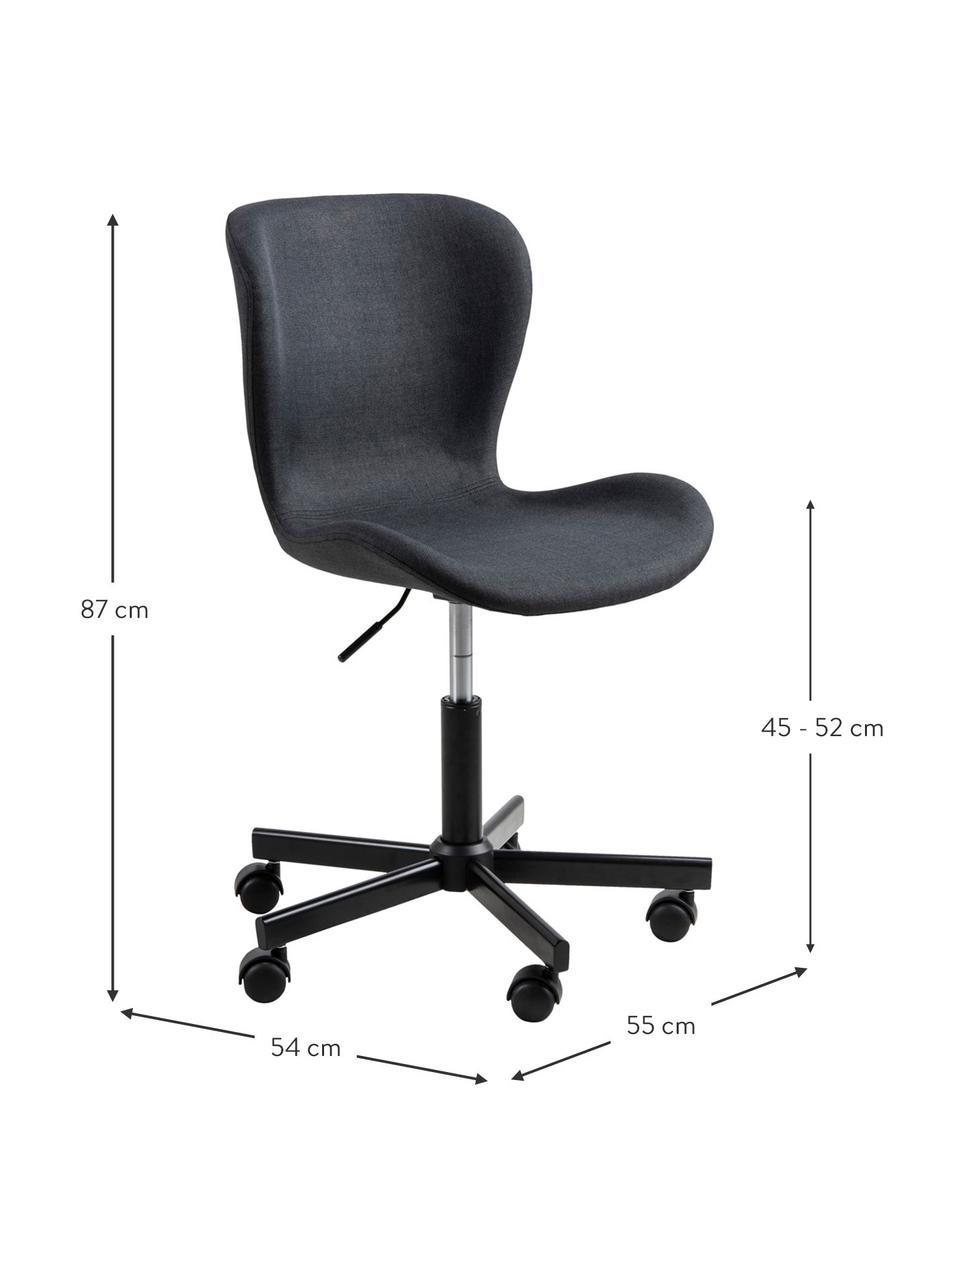 Obrotowe krzesło biurowe Batilda, Tapicerka: tkanina, Nogi: metal malowany proszkowo, Antracytowy, S 55 x G 54 cm